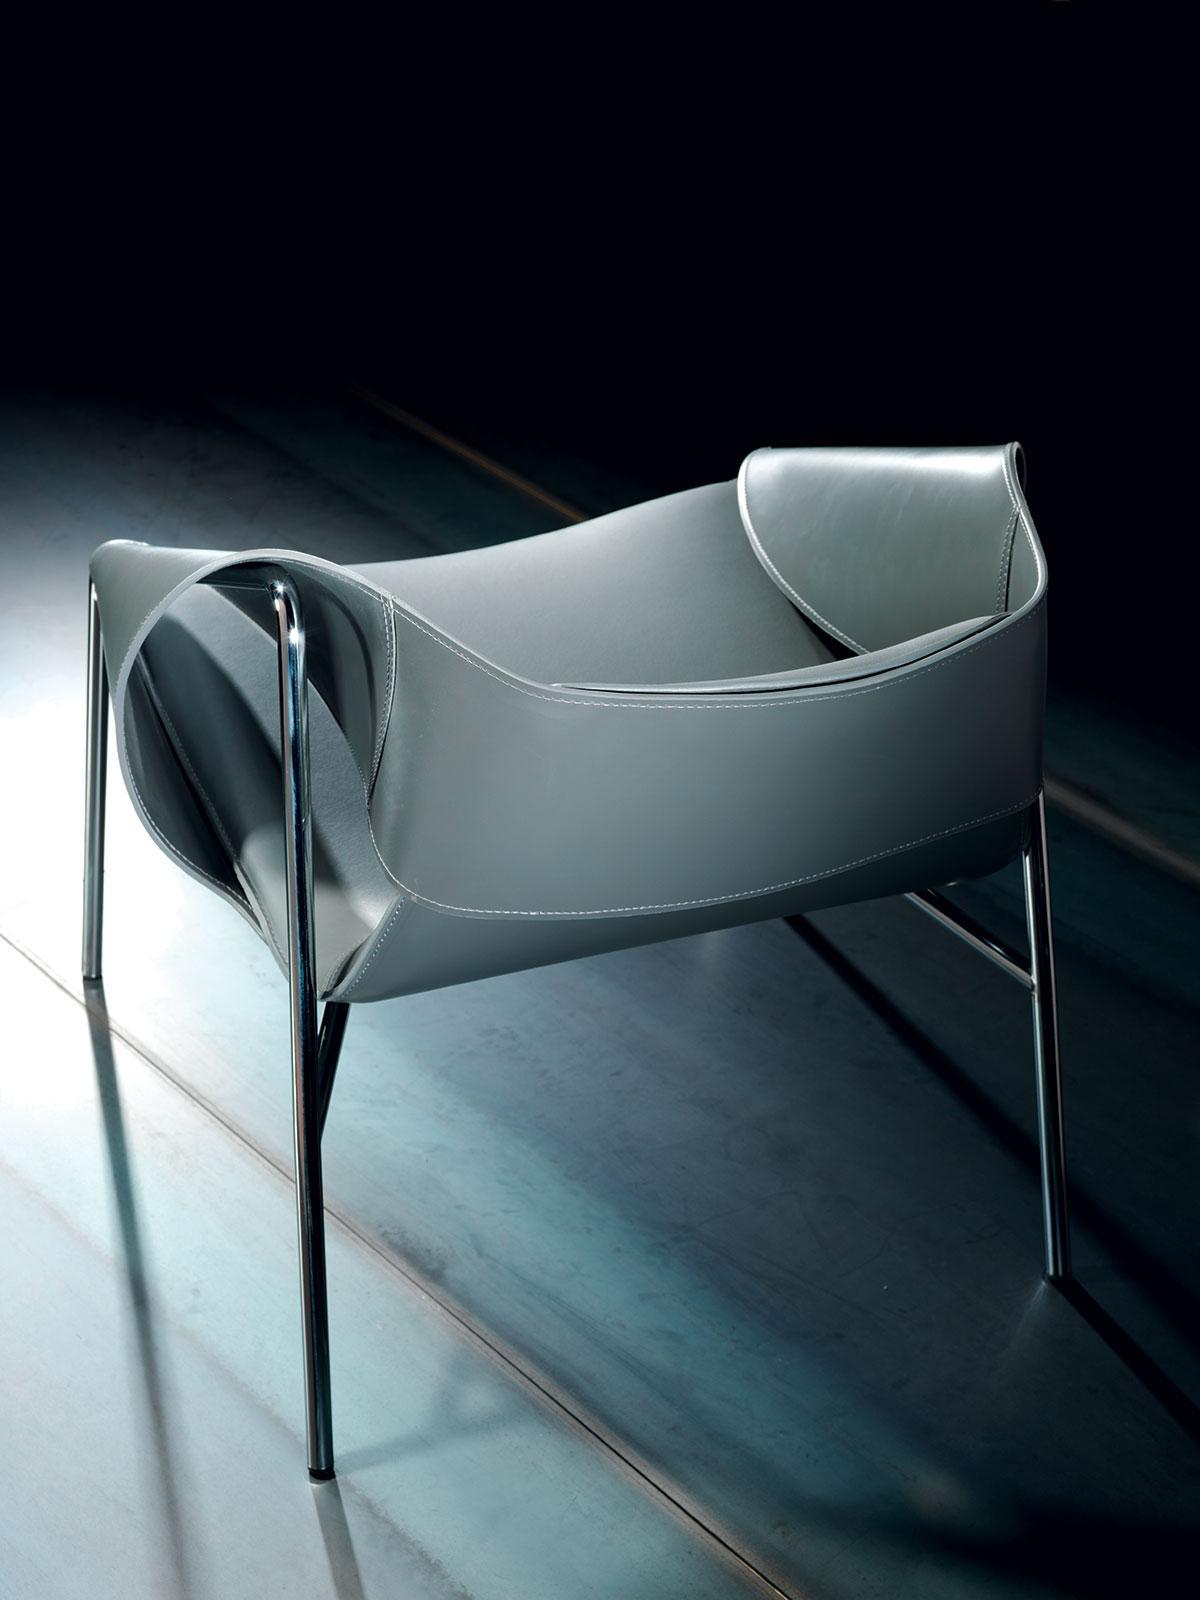 poltrona arredamento casa ufficio on line moderno di lusso design web made in italy Asnago girevole bianca gas sedia ufficio prezzo direzionale poltrona